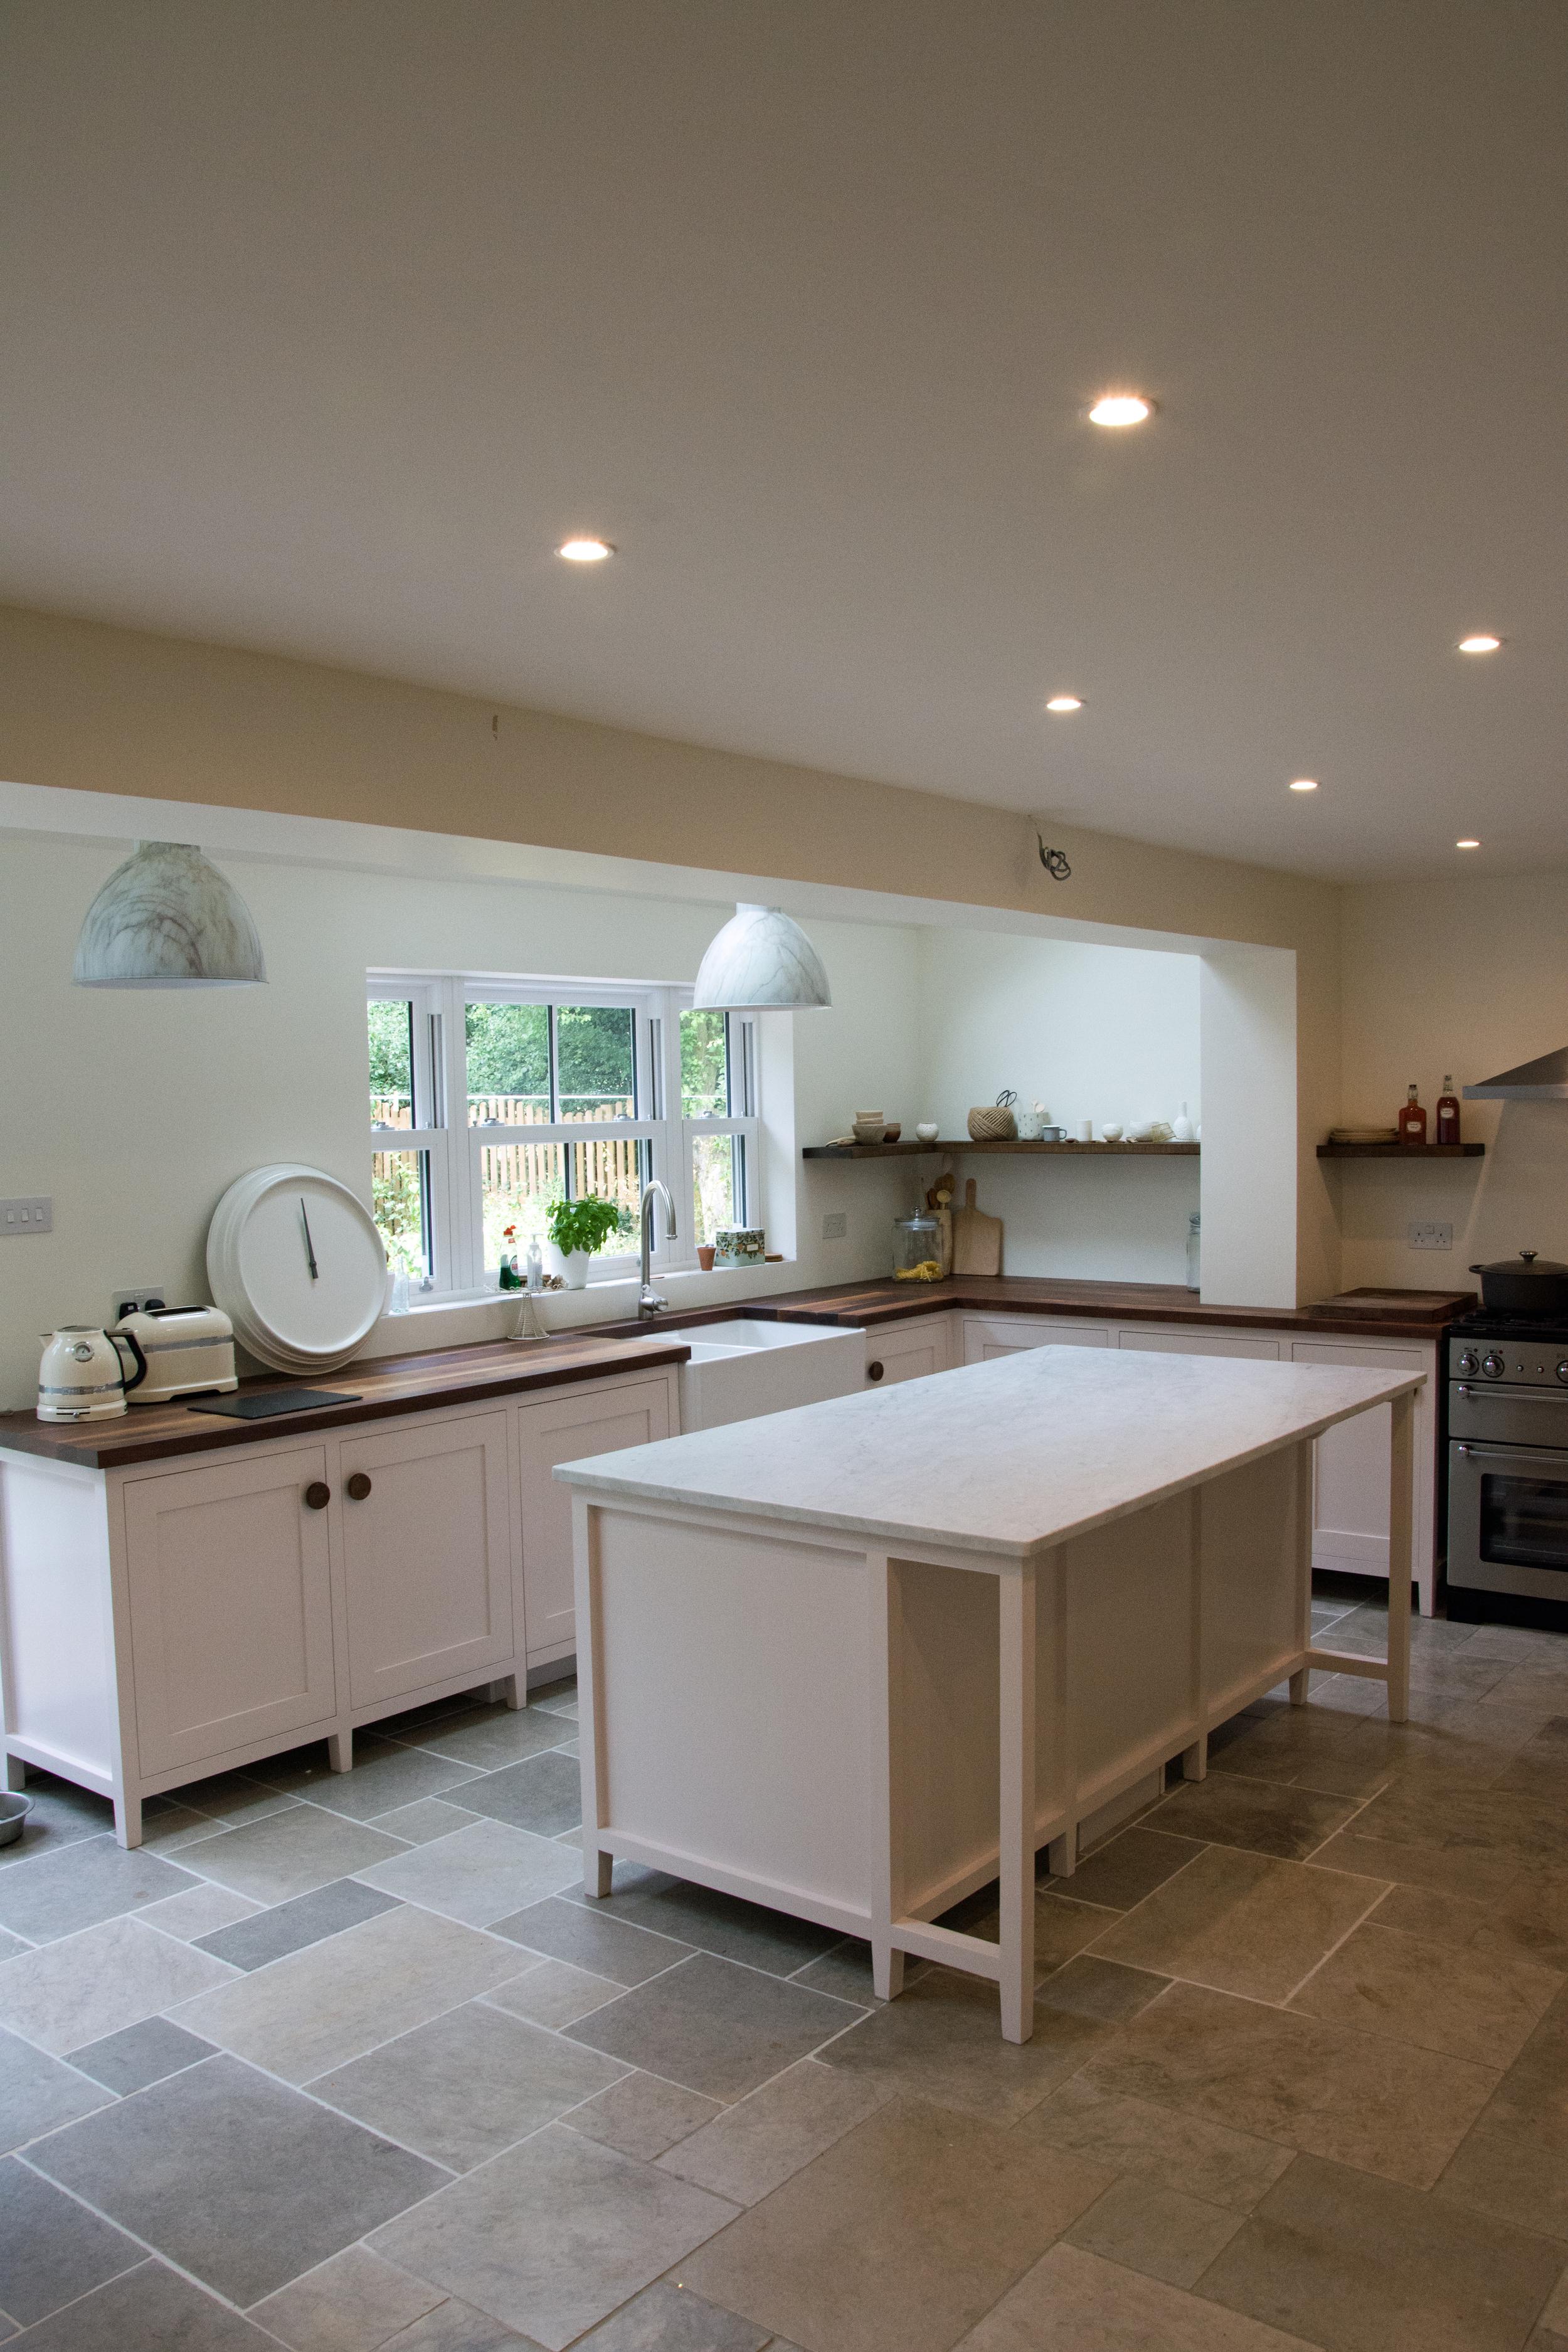 Bespoke shaker style kitchen in Kent